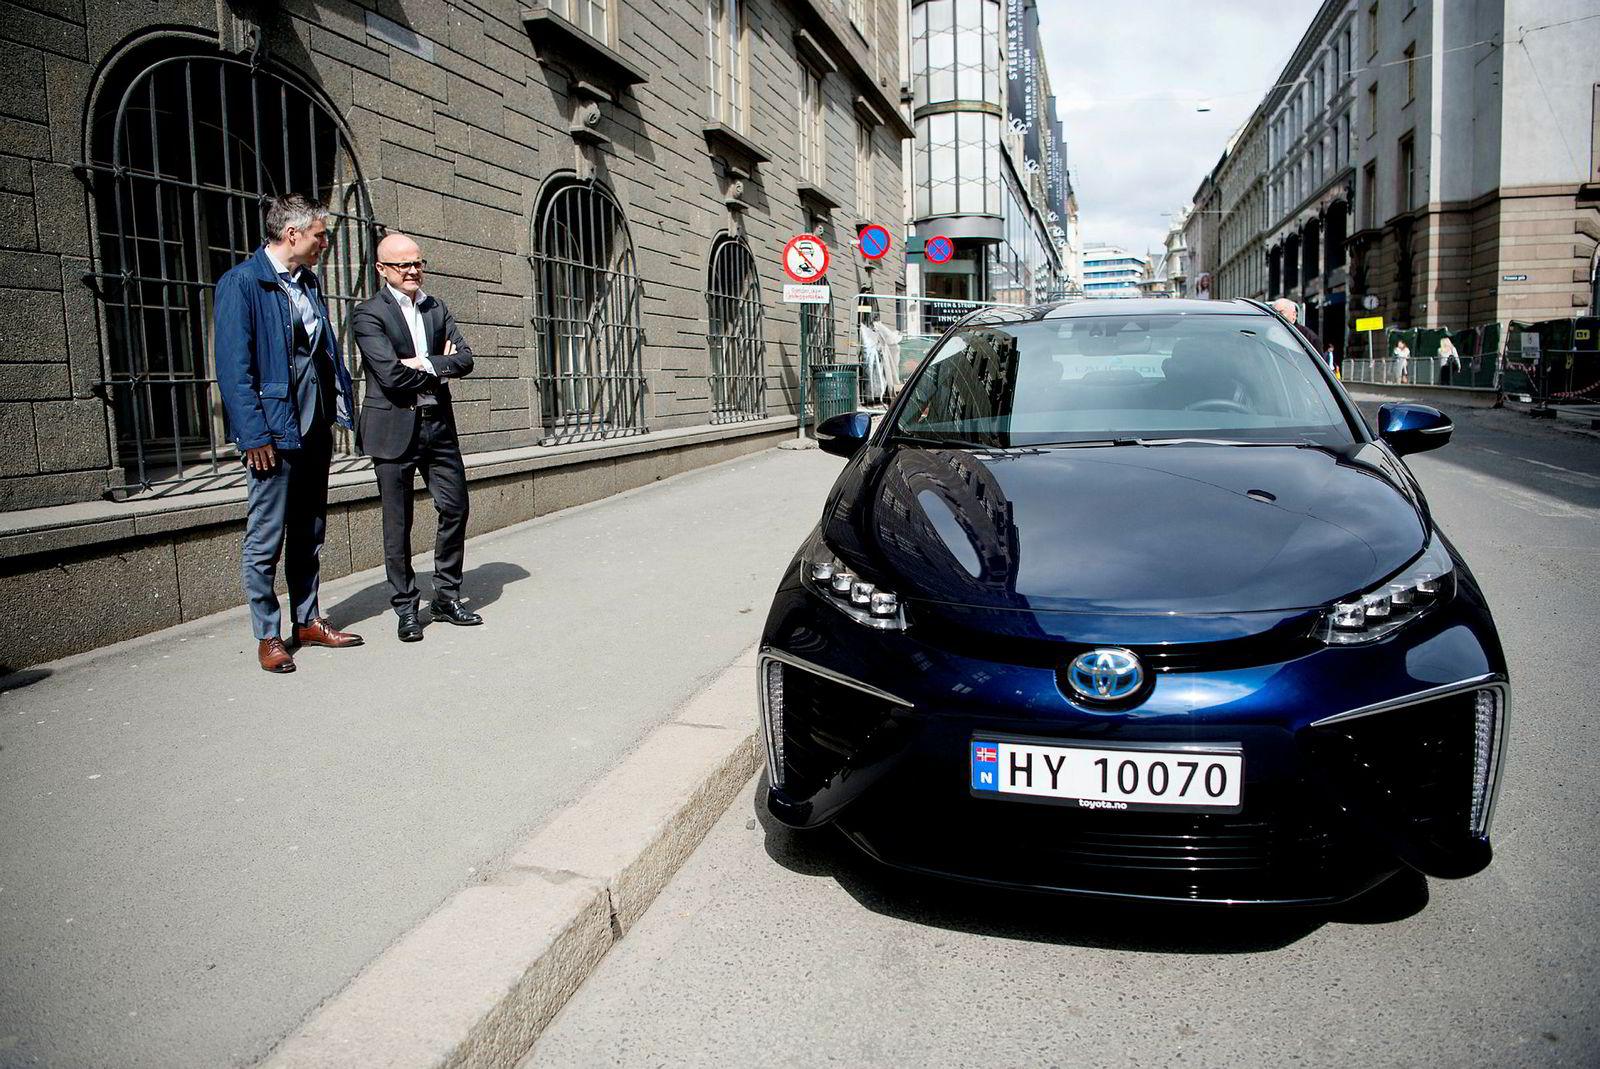 I 2016 lot informasjonssjef Espen Olsen (til venstre) i Toyota Norge klima- og miljøminister på den tiden, Vidar Helgesen, prøvekjøre hydrogenbilen Toyota Mirai.